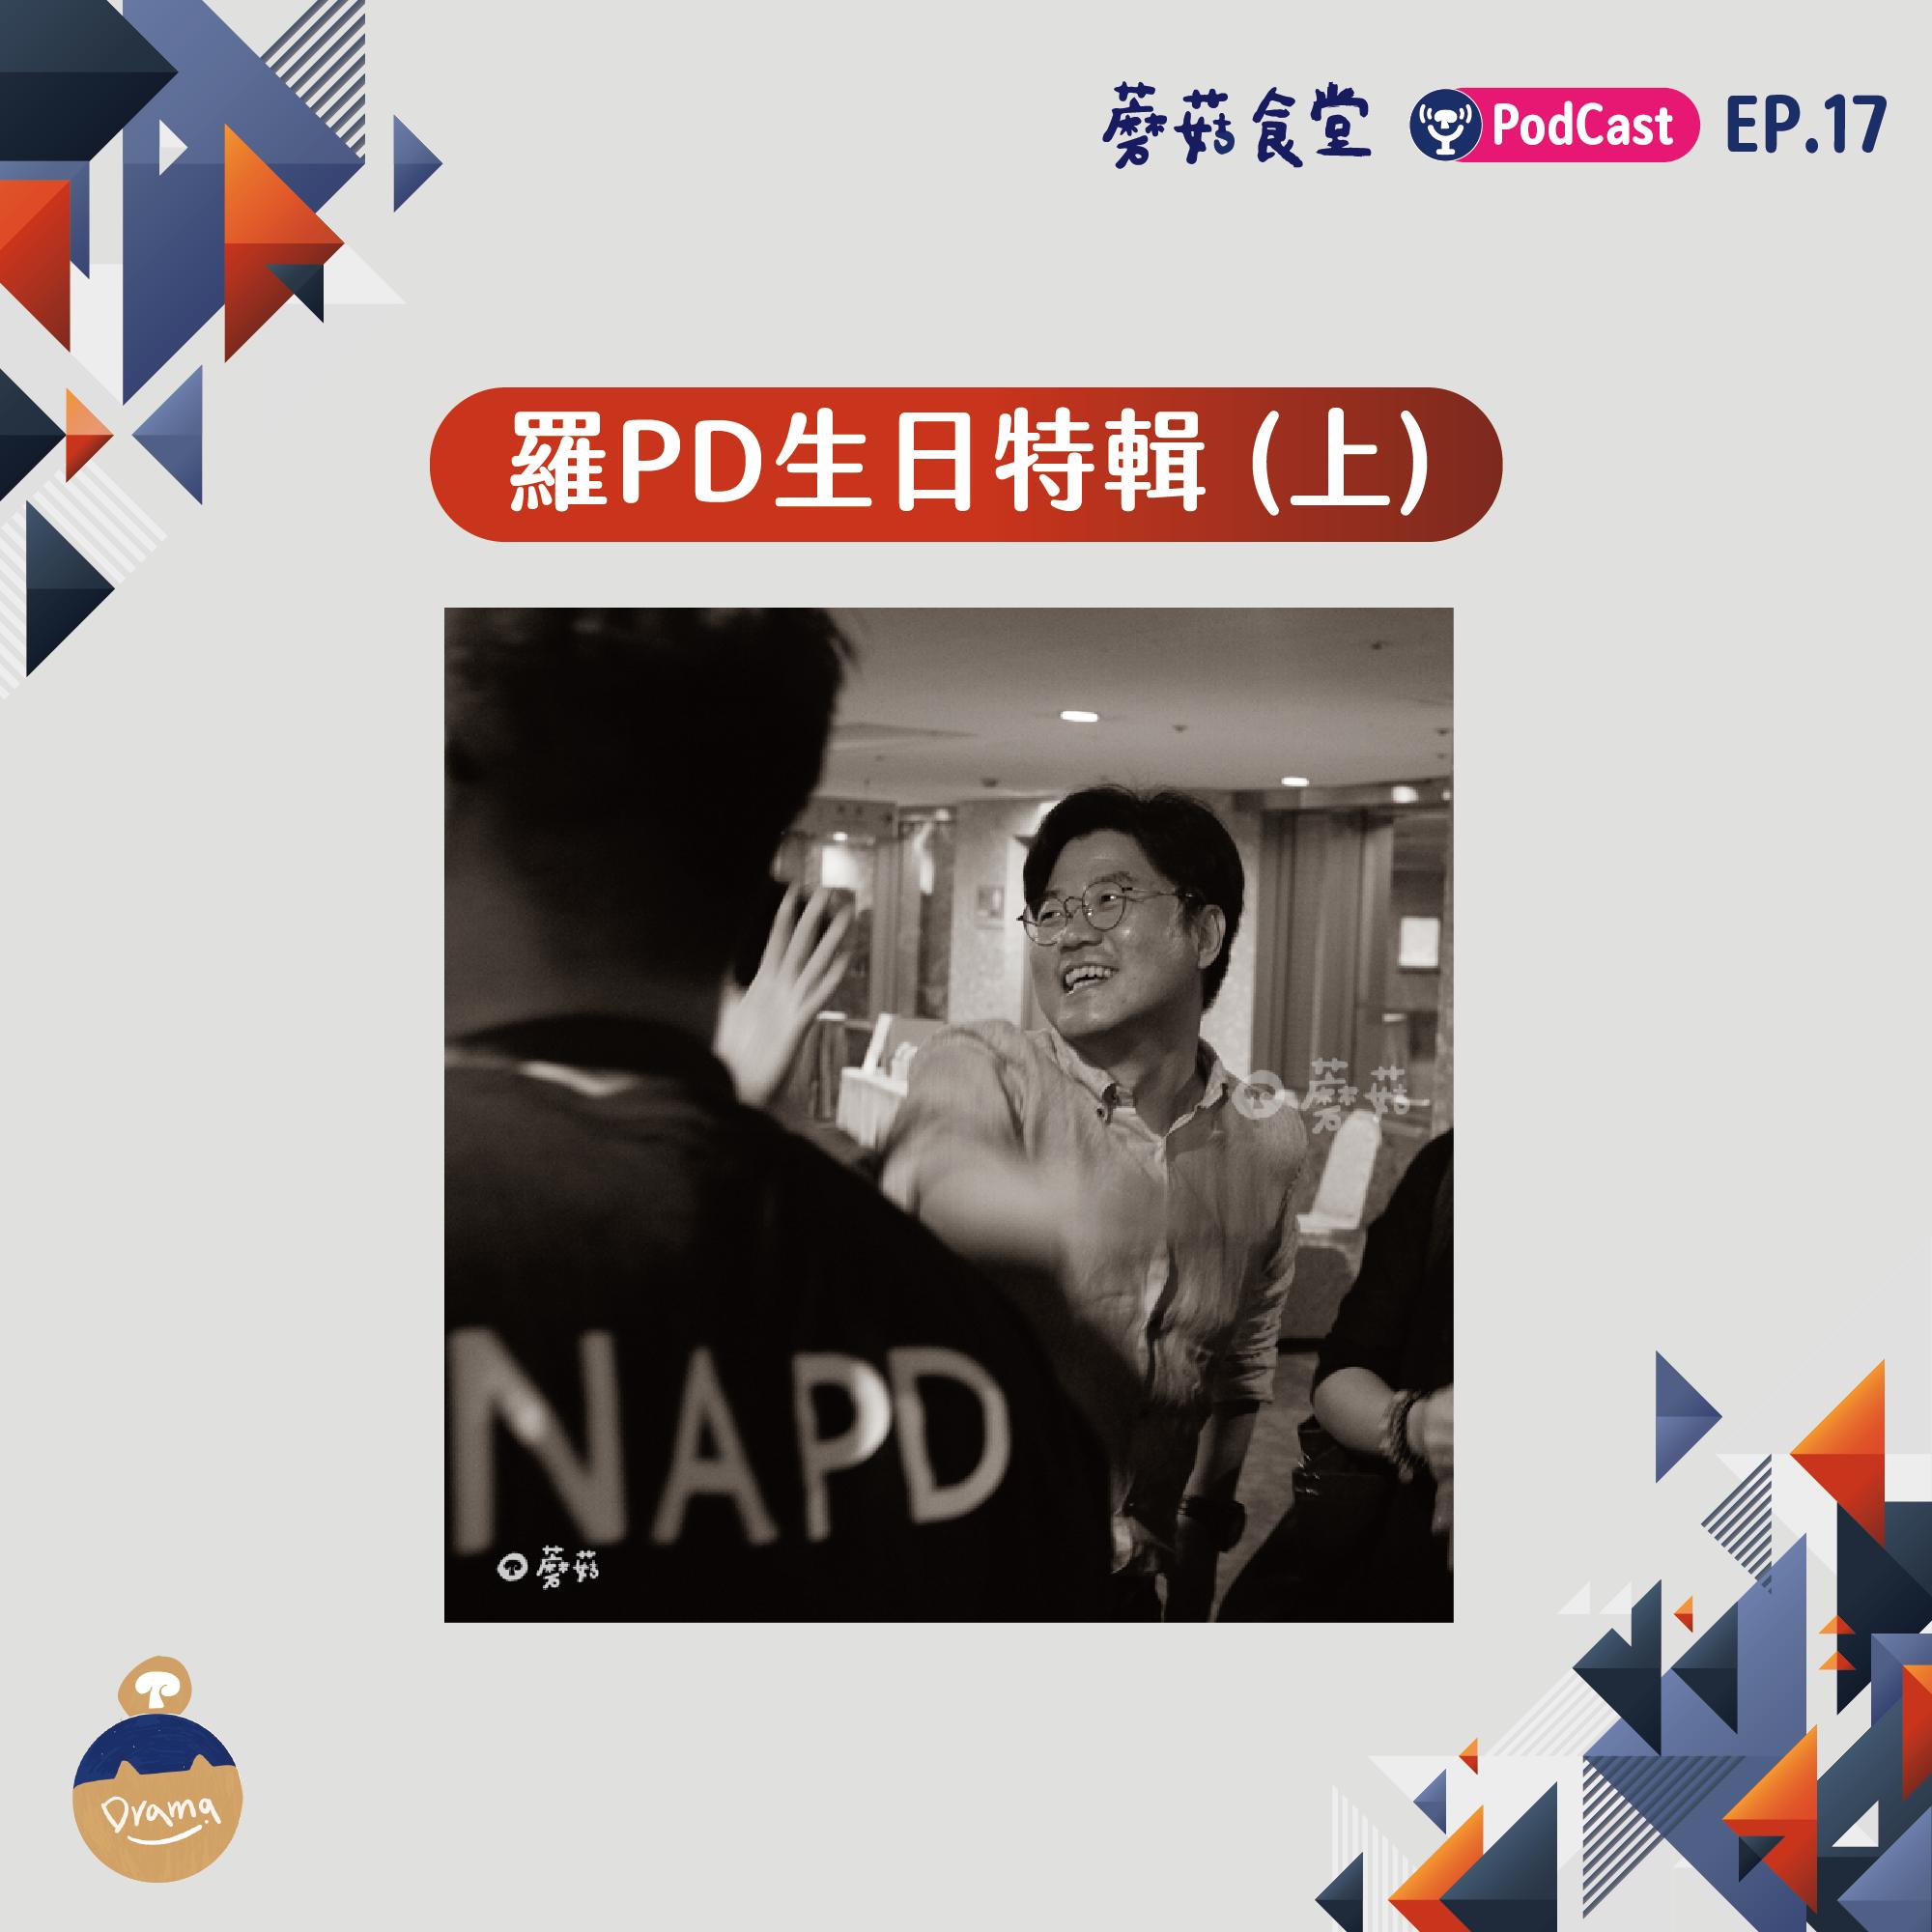 Ep17:羅PD 生日特輯 (上) |與台灣緣分的開始